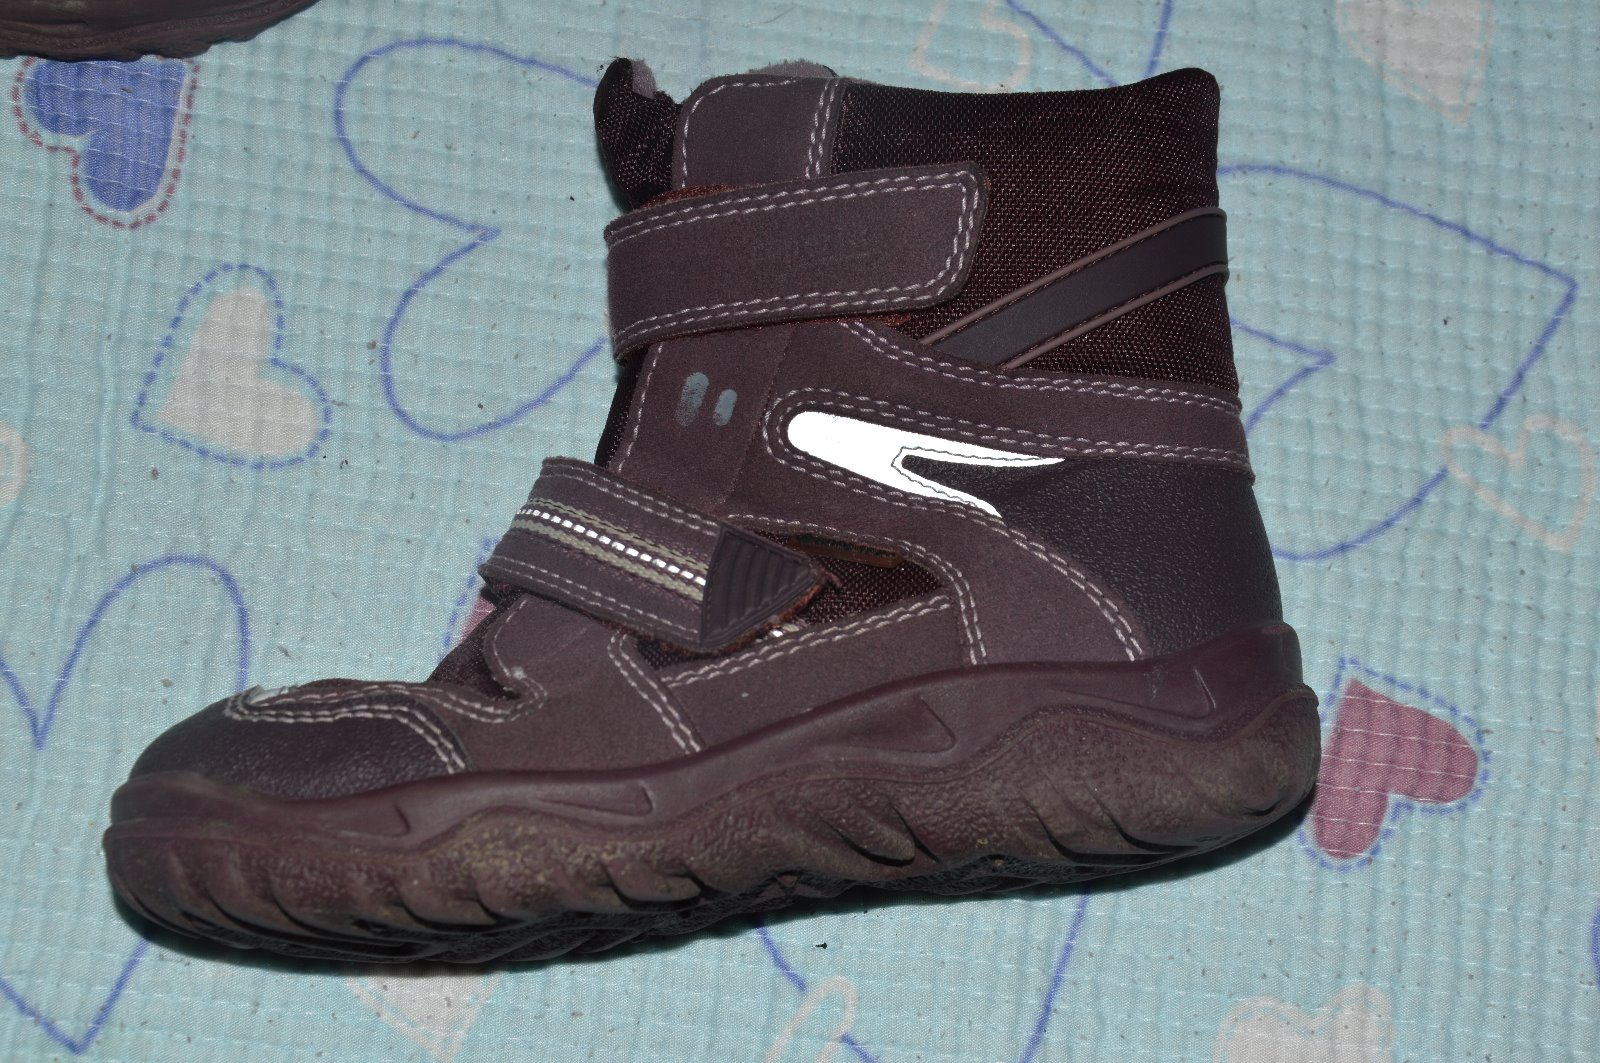 068c759ccb9 Zobraz celé podmínky. Nepromokavé zimní boty goretex ...